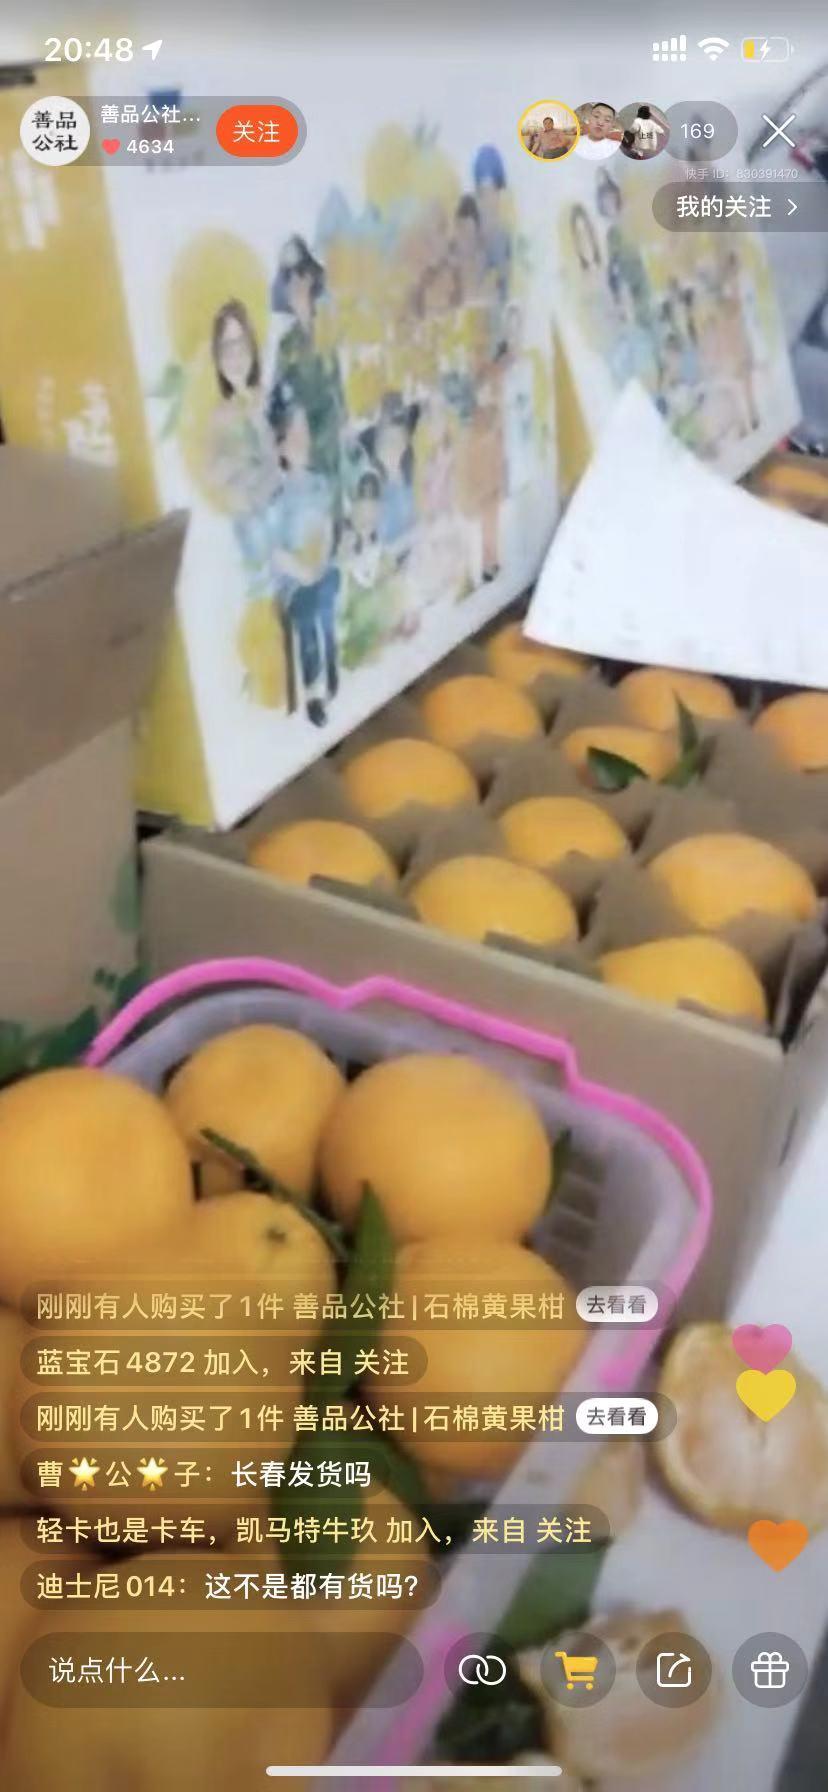 中国农民工维权网